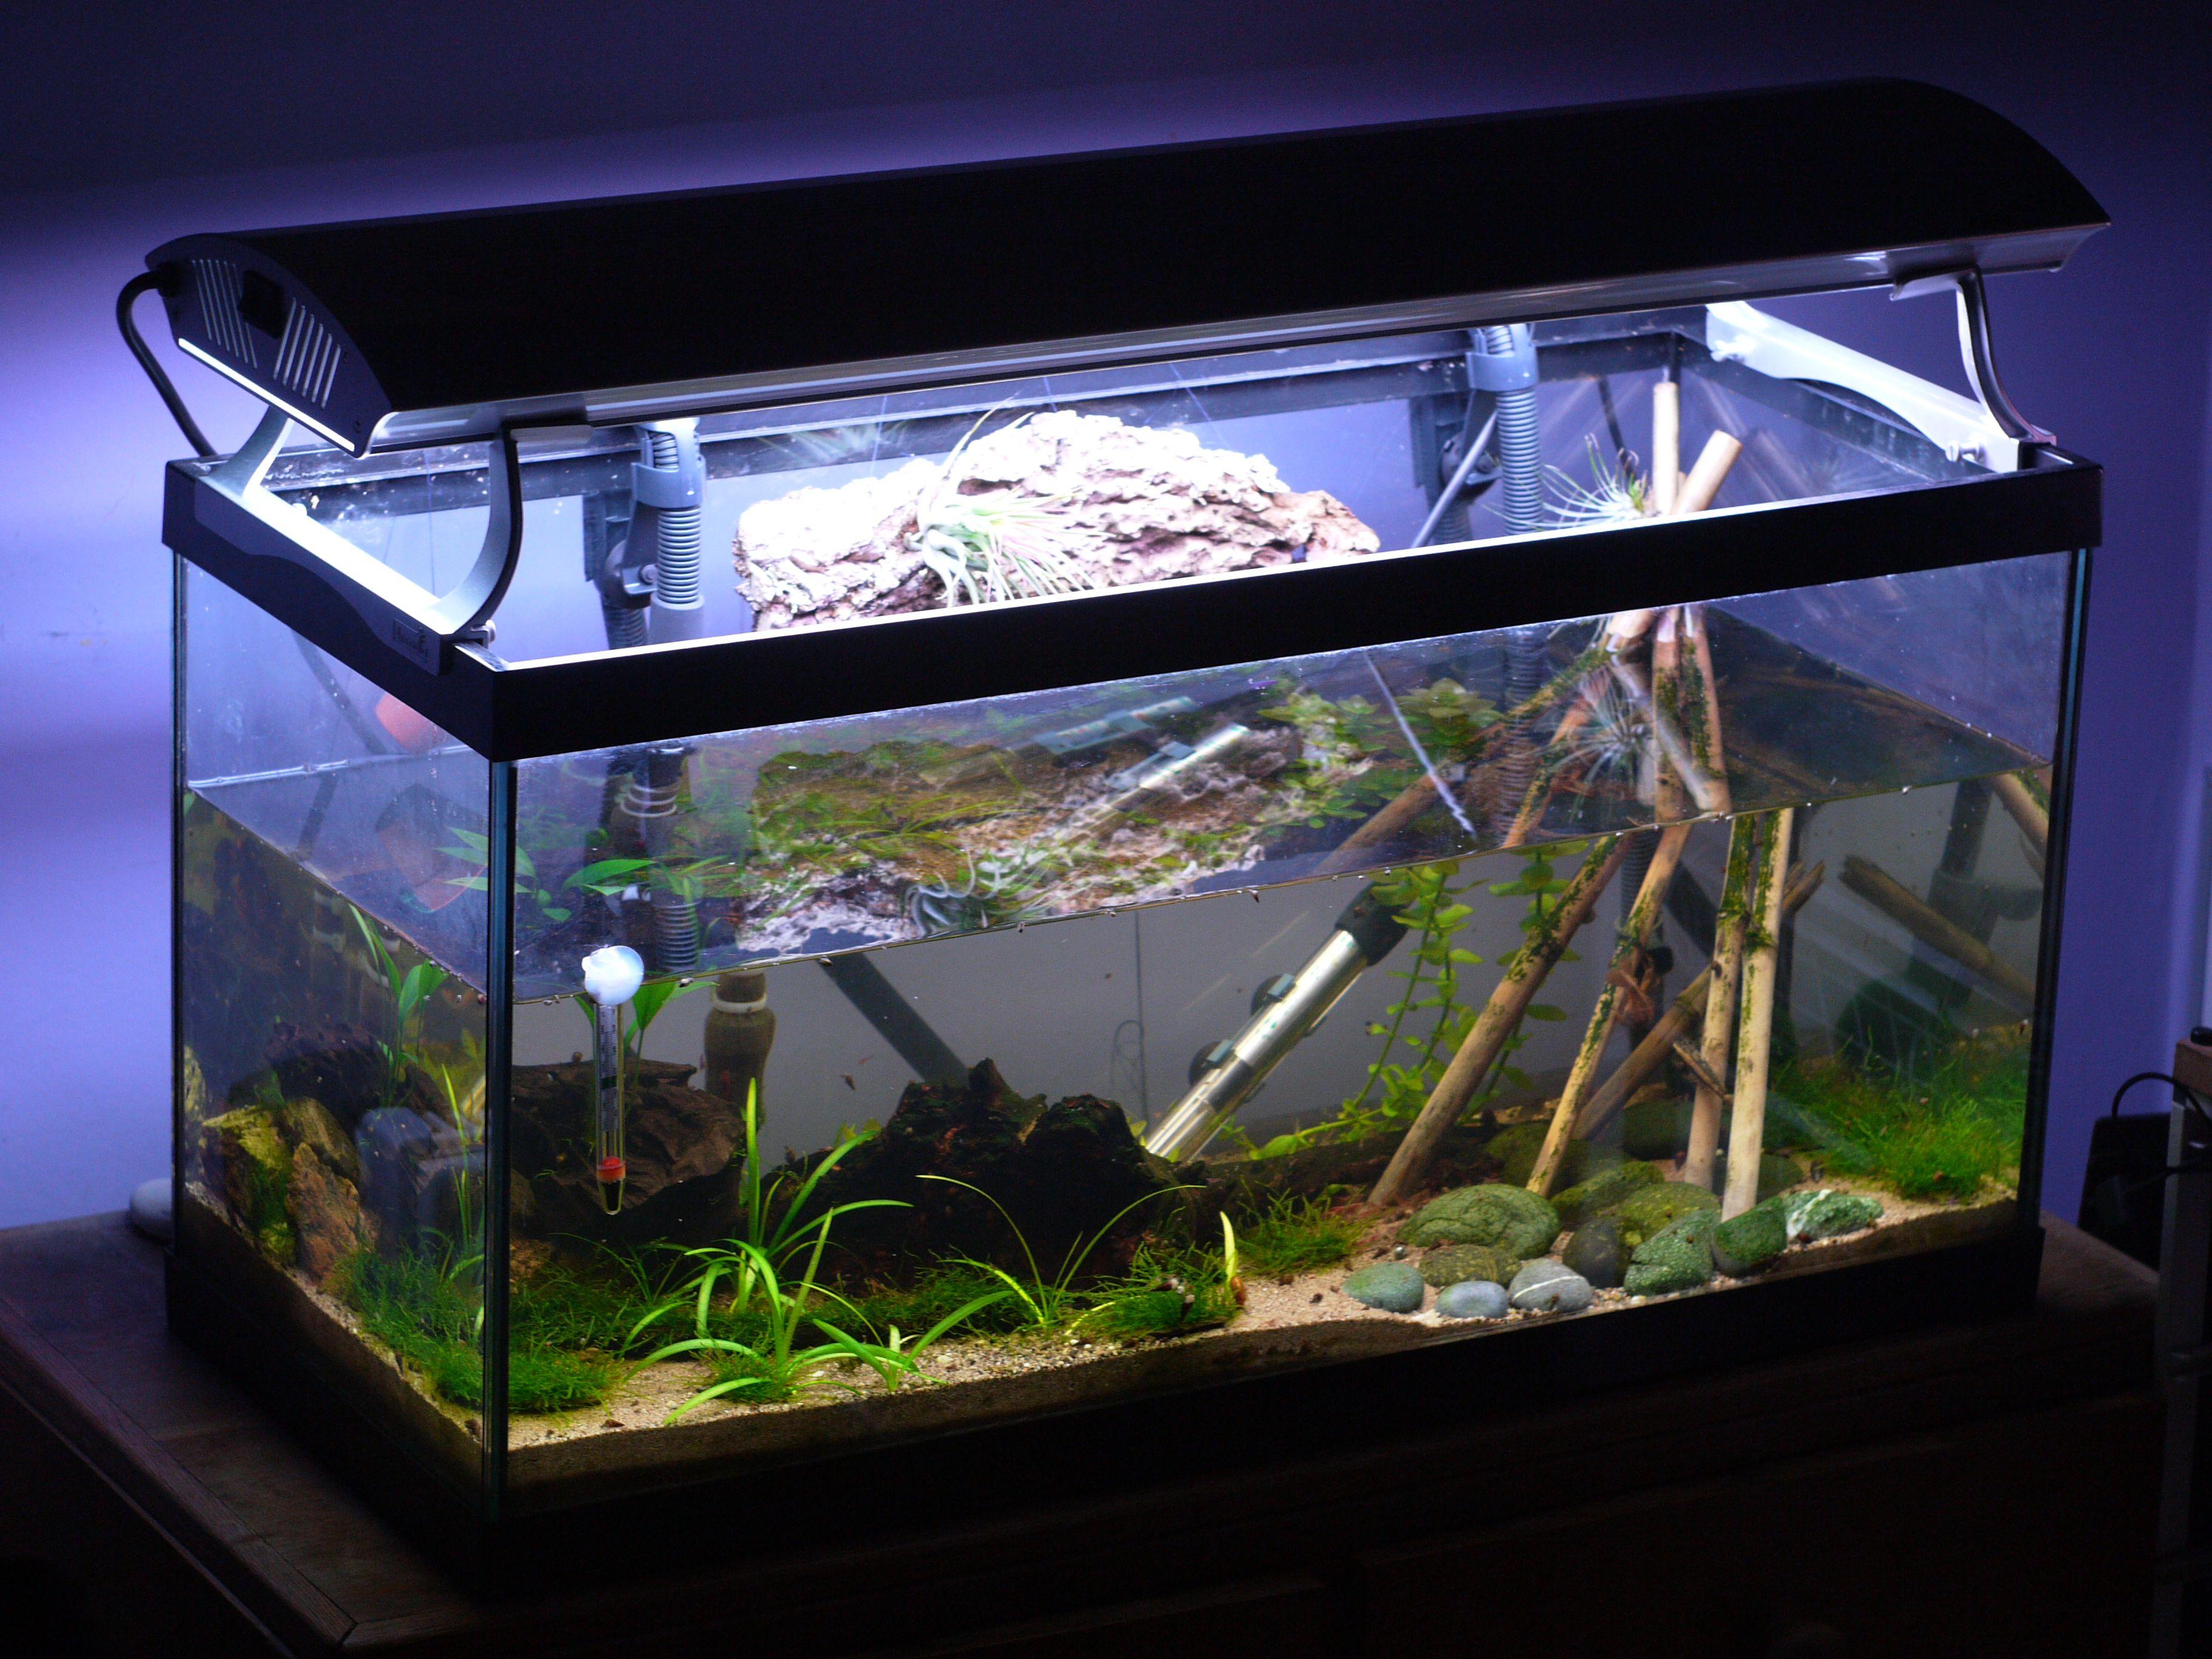 Aquarium Thermometer Pros and Cons